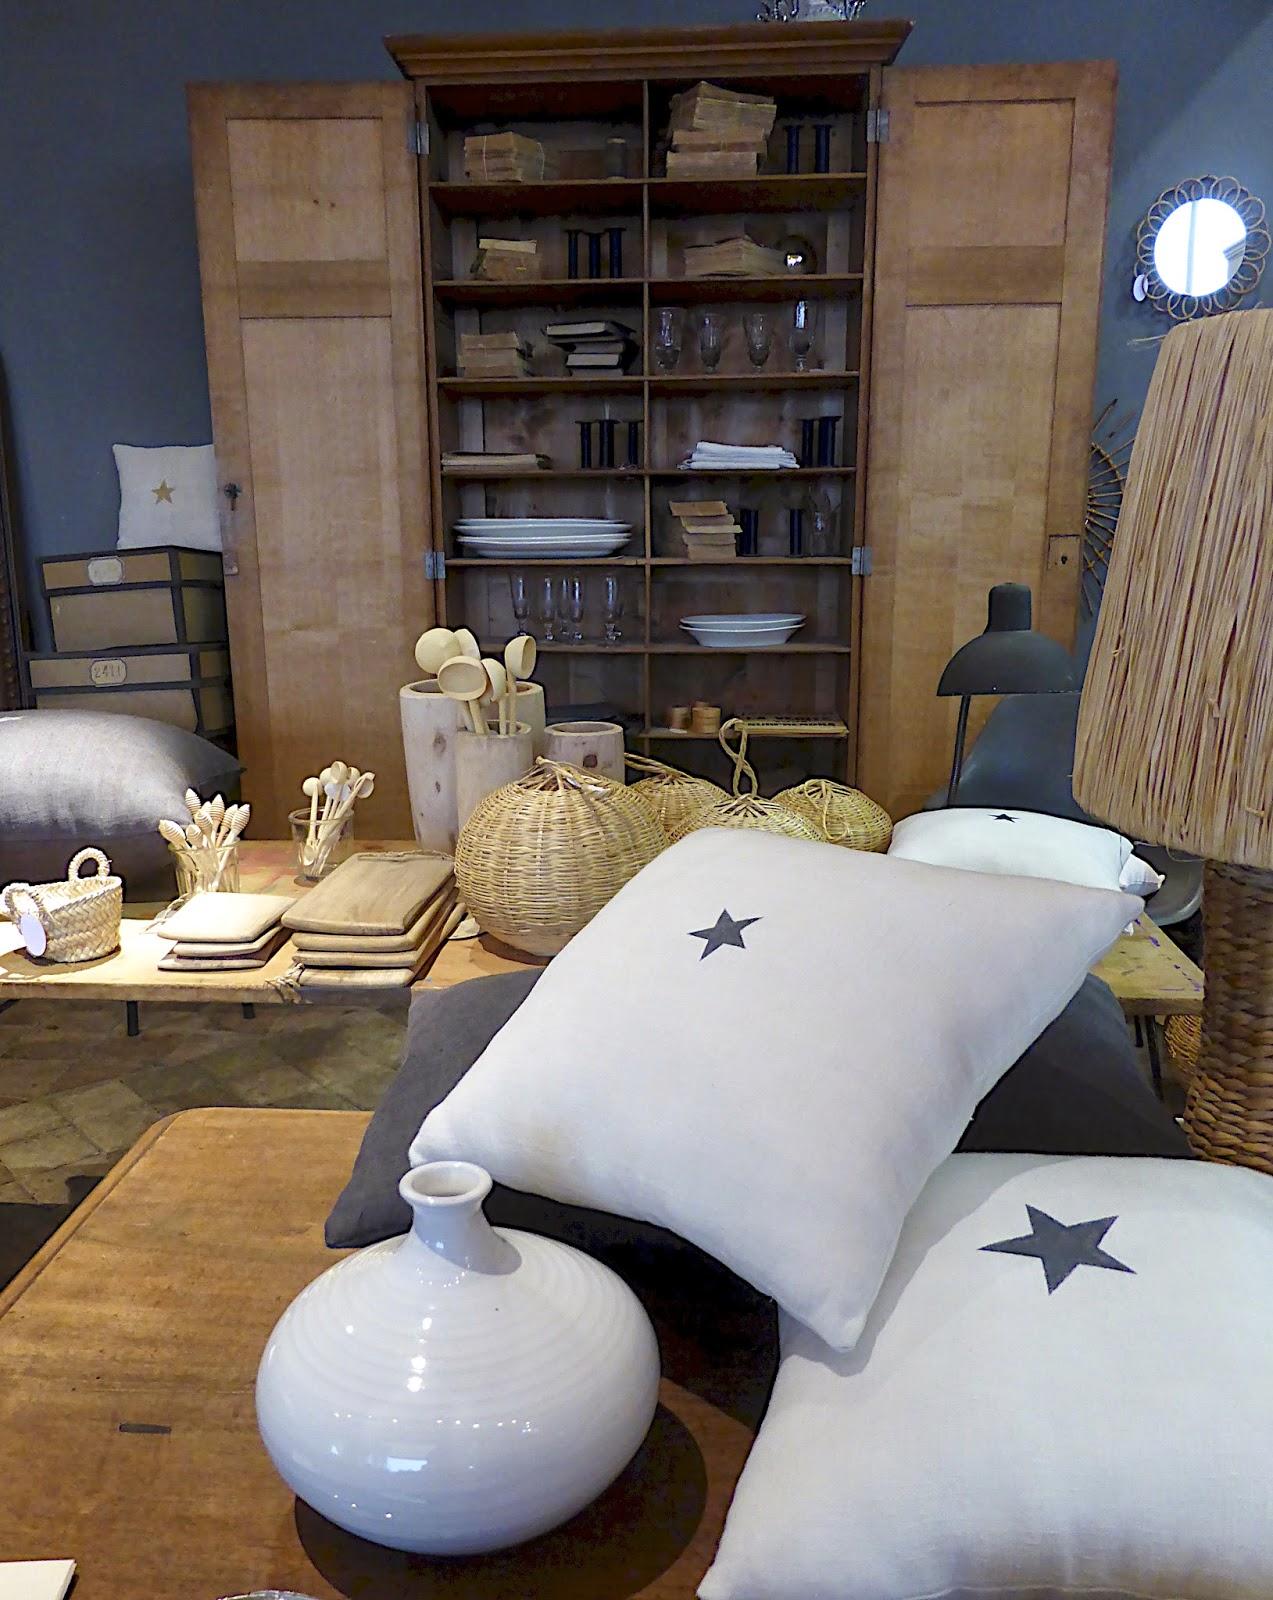 manon 21 florence bouvier. Black Bedroom Furniture Sets. Home Design Ideas